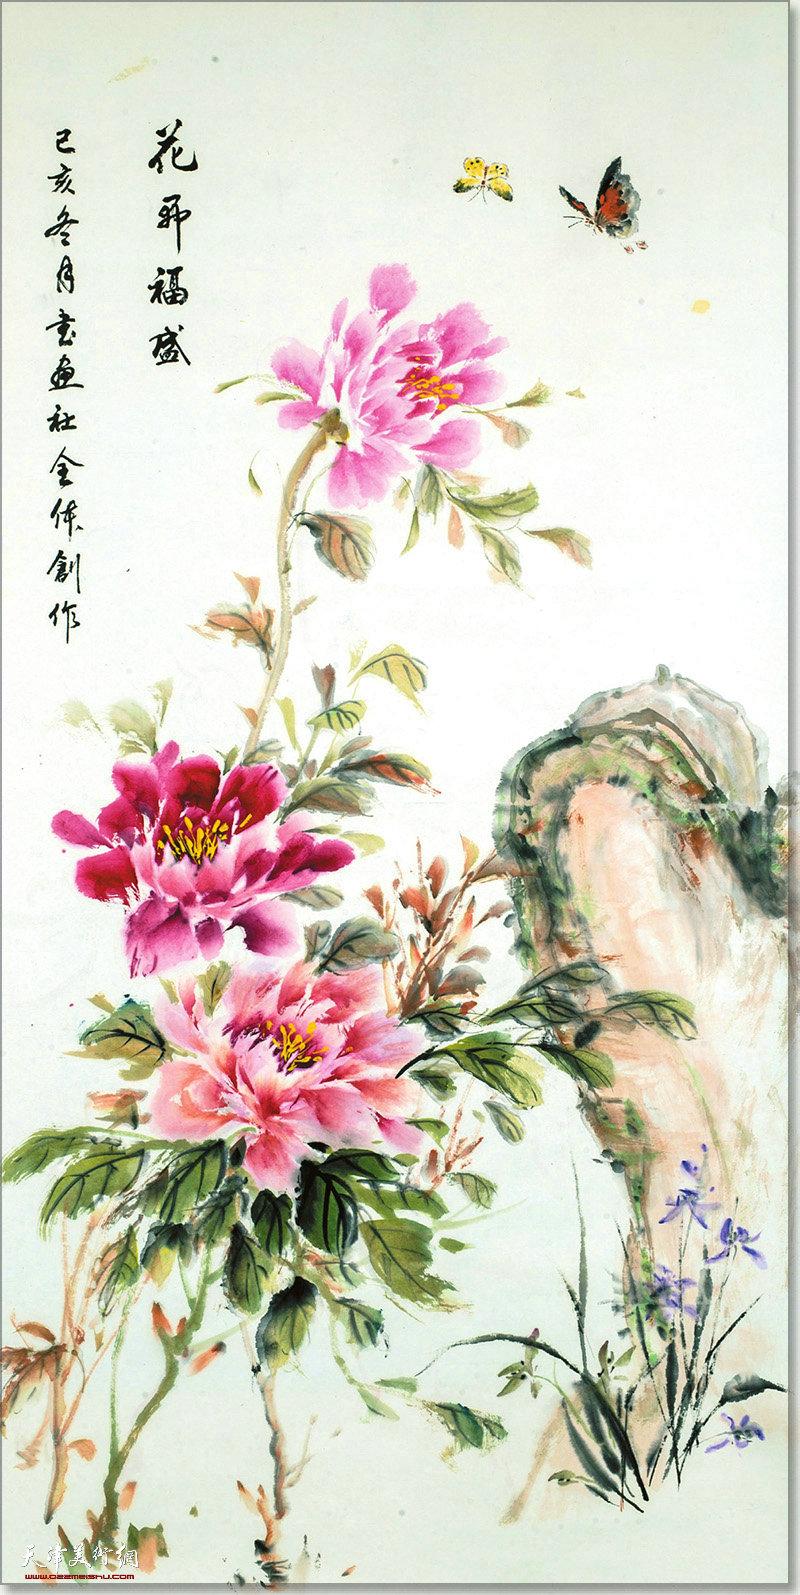 福盛书画社集体创作作品:花开福盛